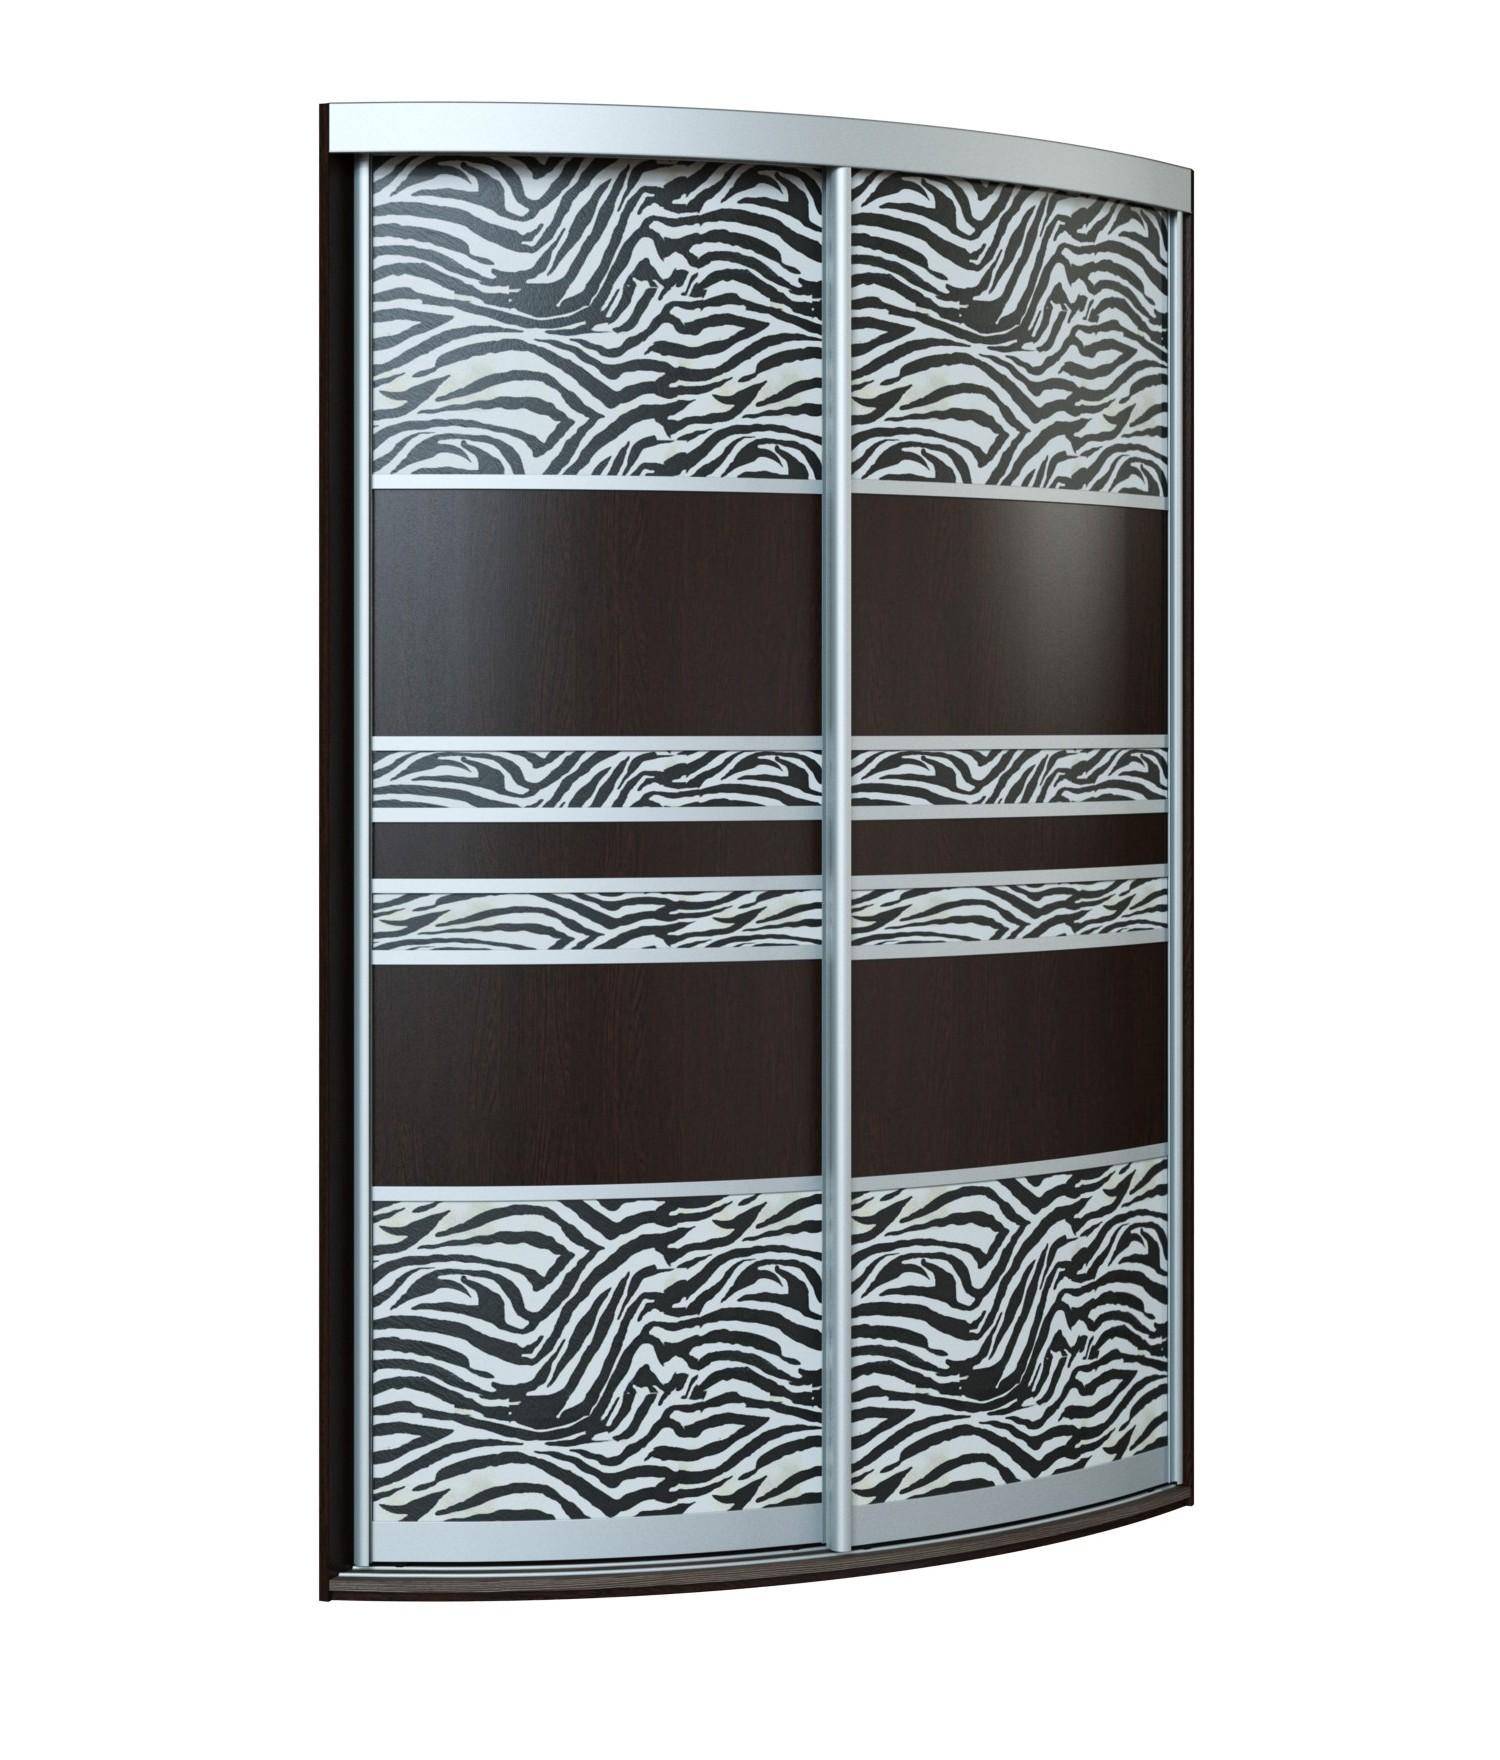 Угловой радиусный шкаф-купе Севилья 2-3 радиусный шкаф купе мебелайн 7